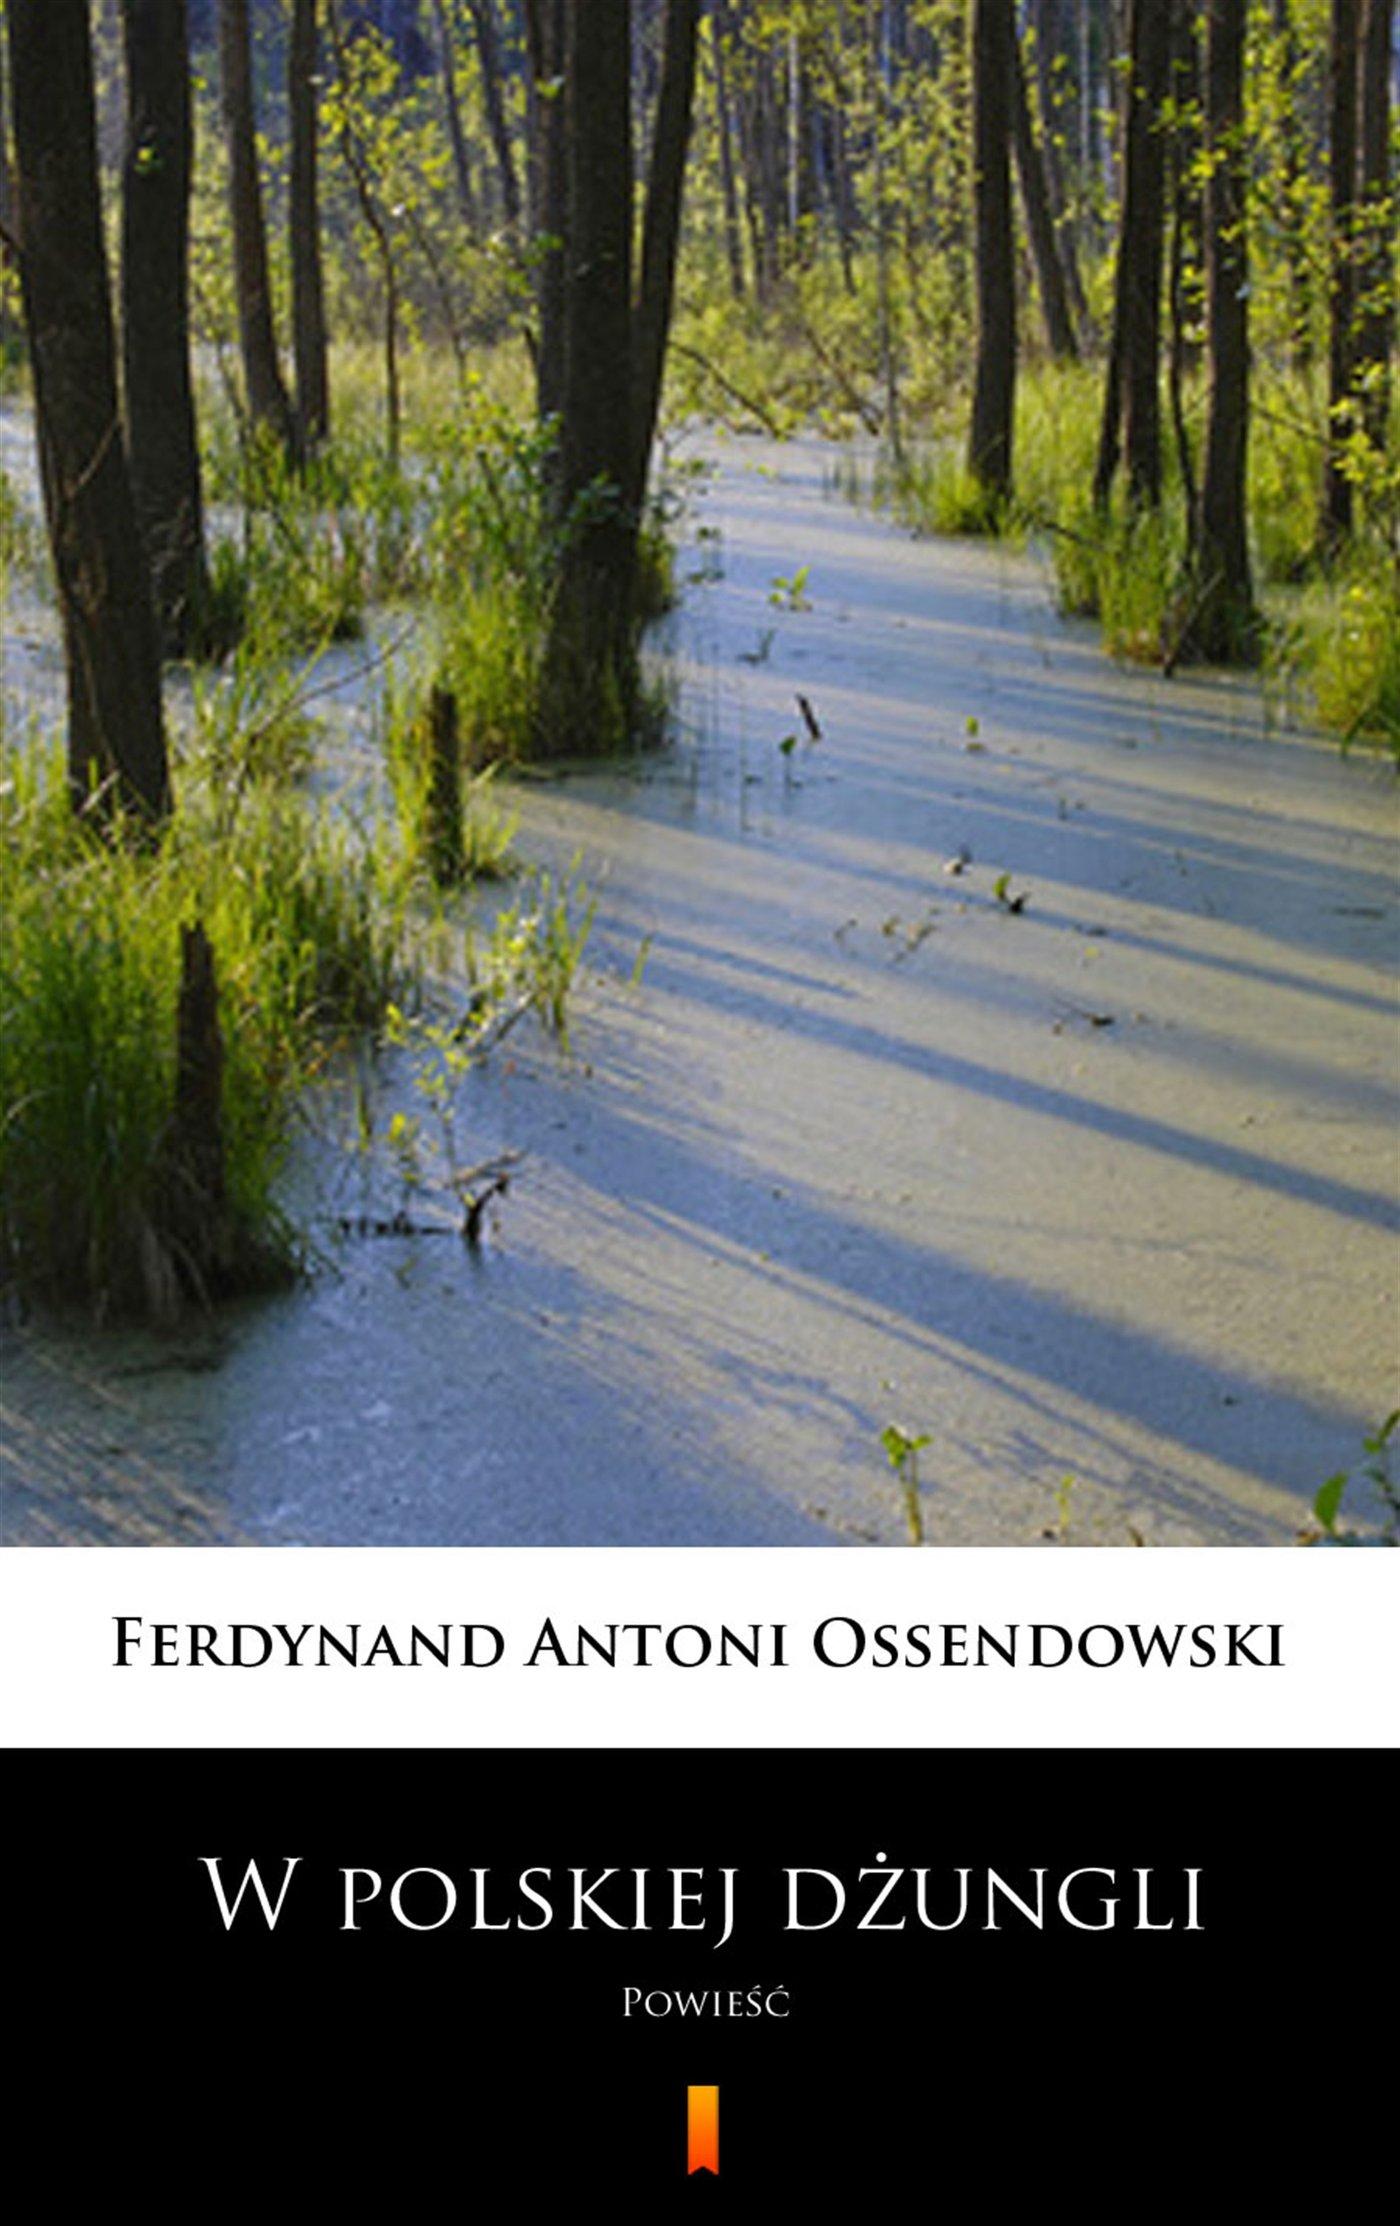 W polskiej dżungli - Ebook (Książka EPUB) do pobrania w formacie EPUB